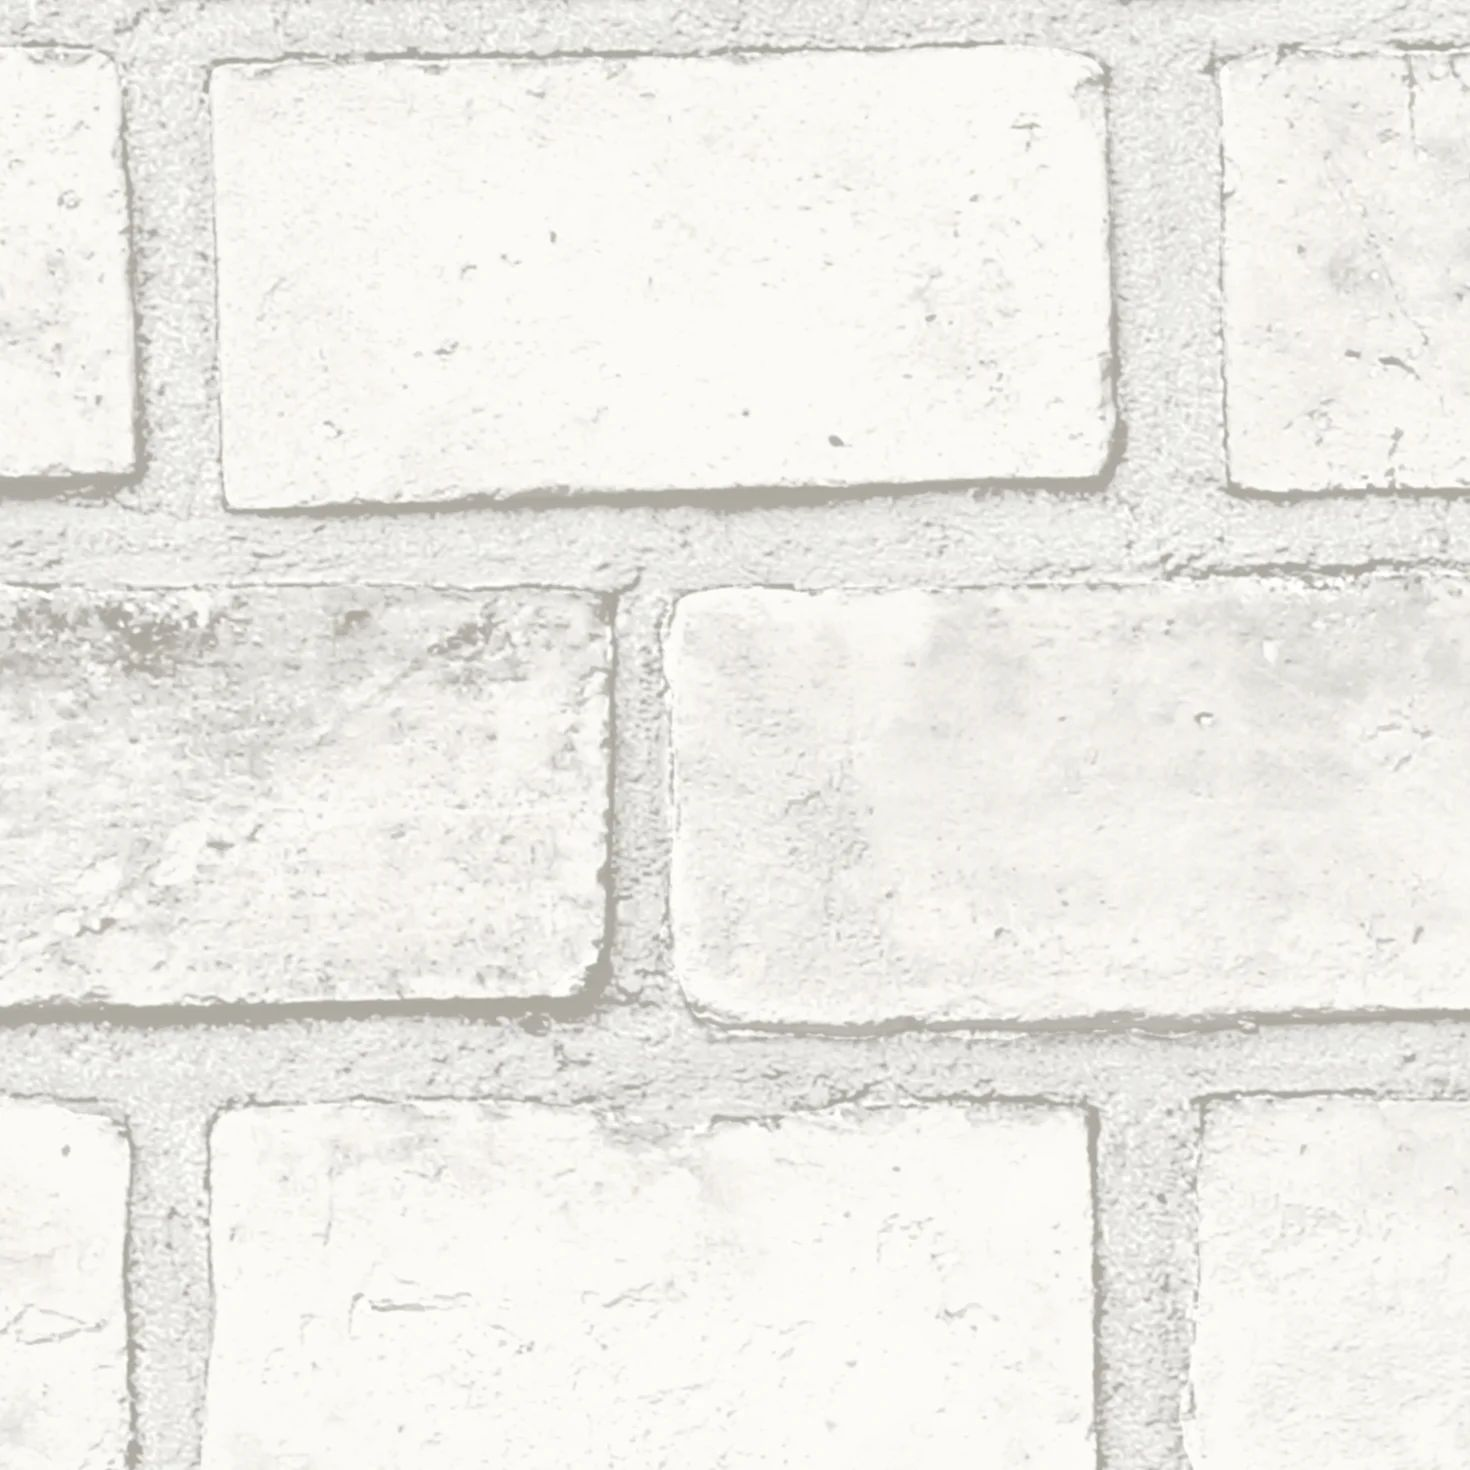 papier peint intisse sejours chambres mur brique gris blanc